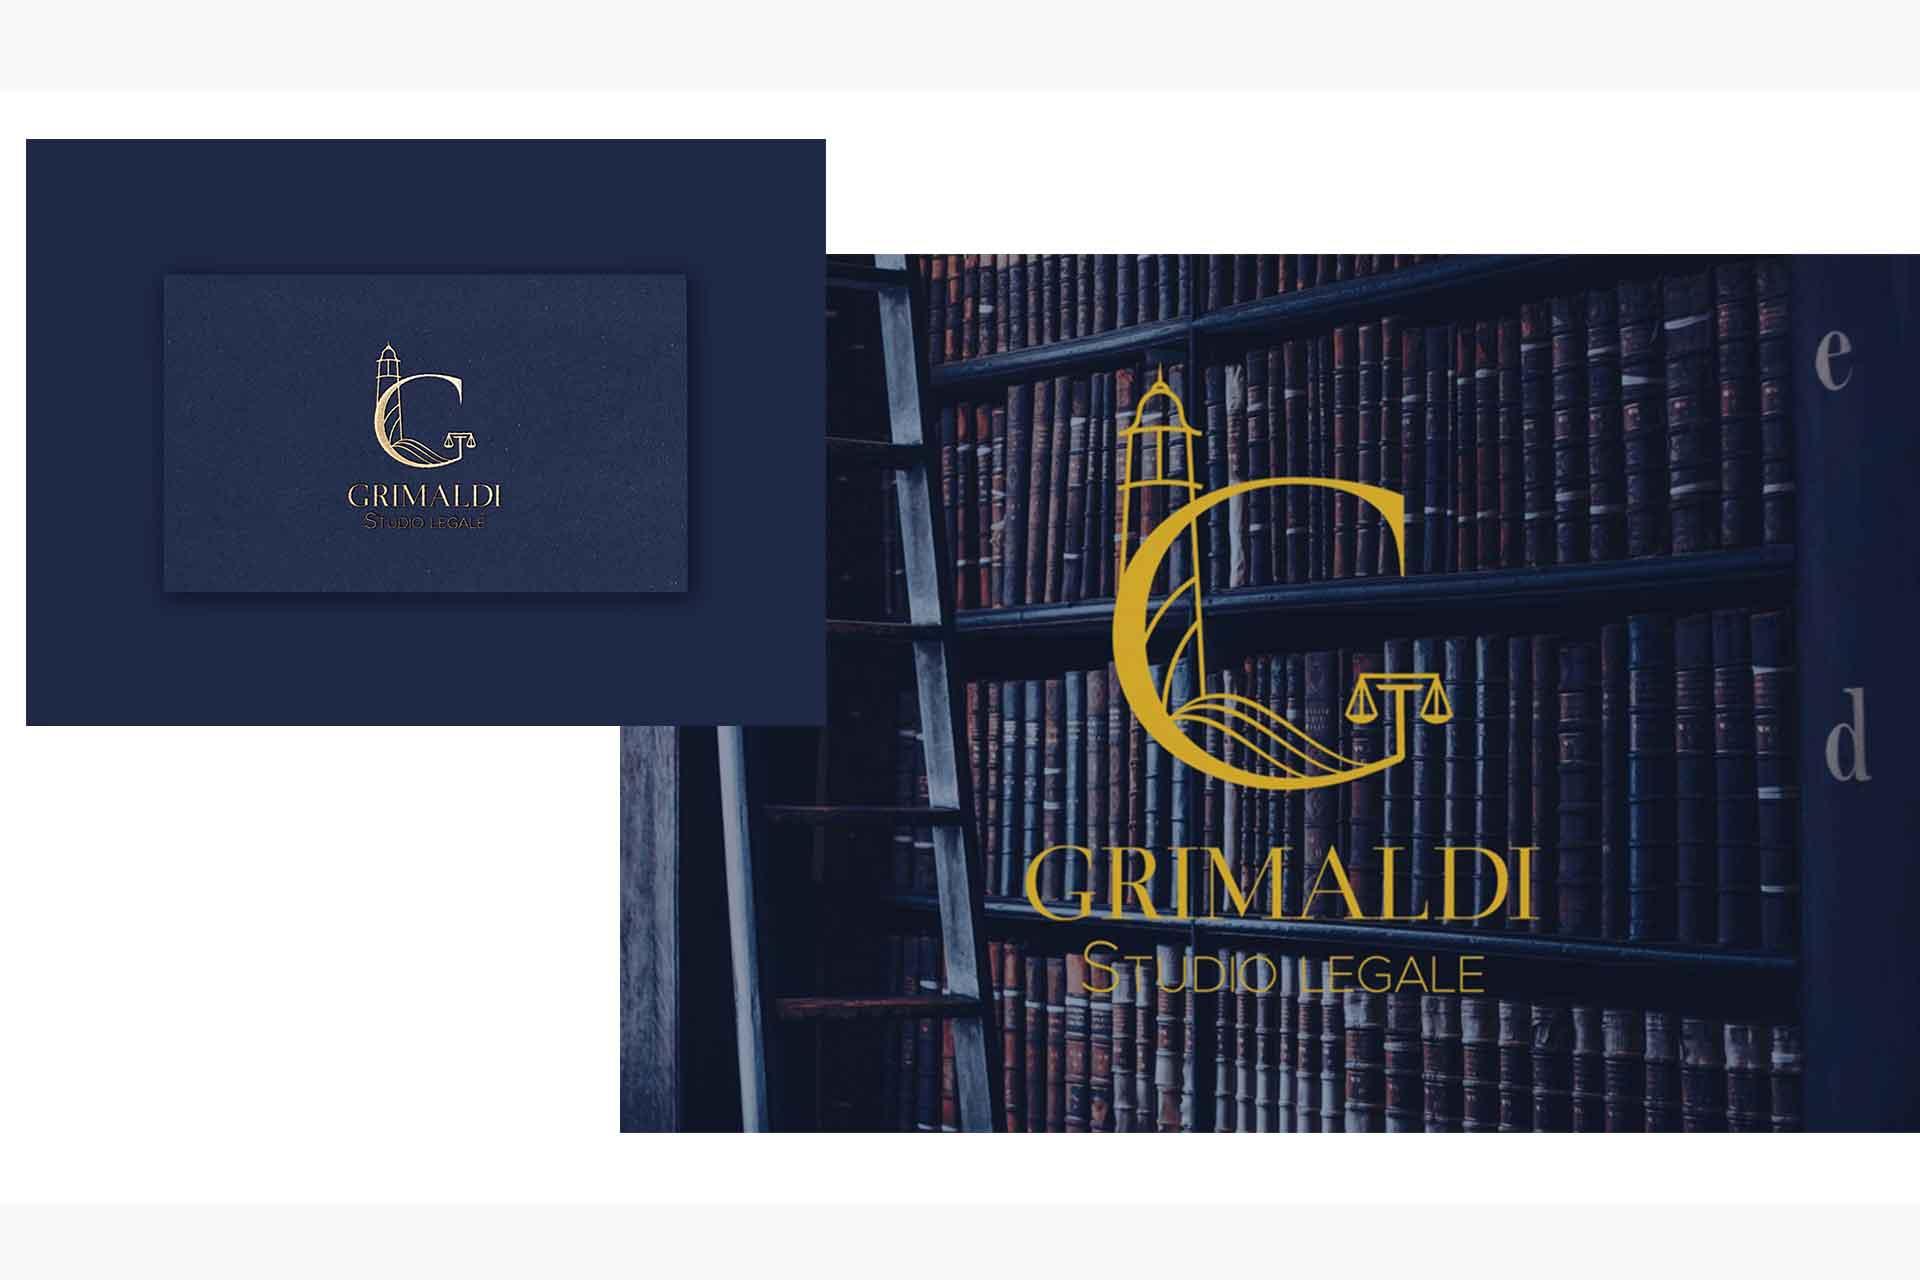 Grimaldi Studio Legale Immagine Coordinata